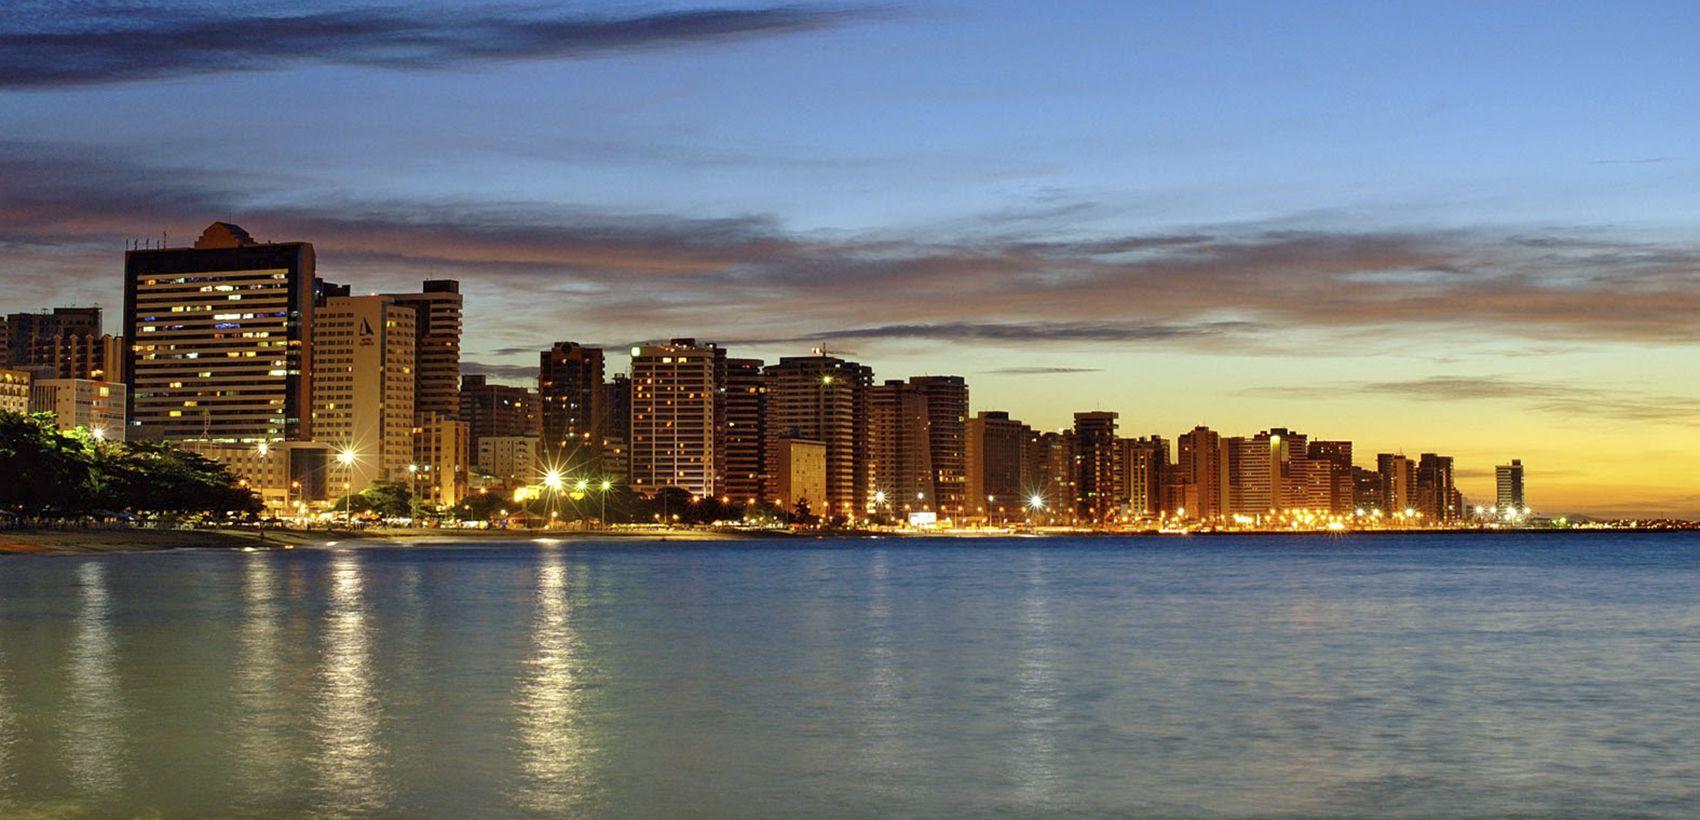 Lisboa » Fortaleza / Cumbuco / Aquiraz - 05.01 a 24.06